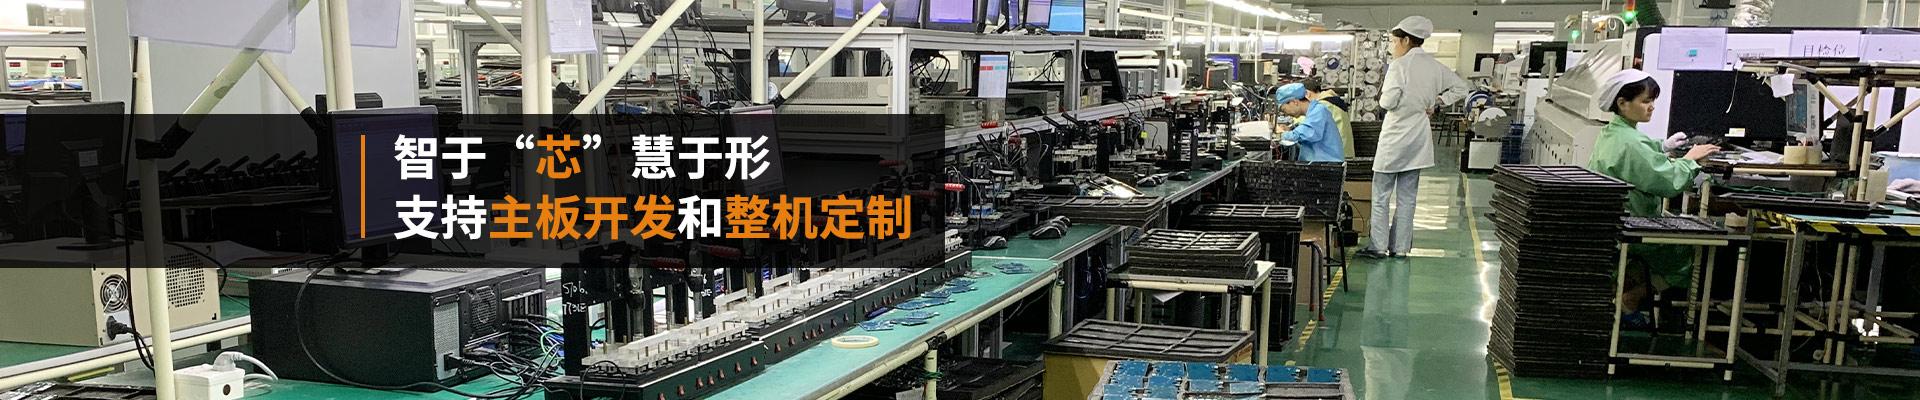 泽迪-支持主板开发和整机定制